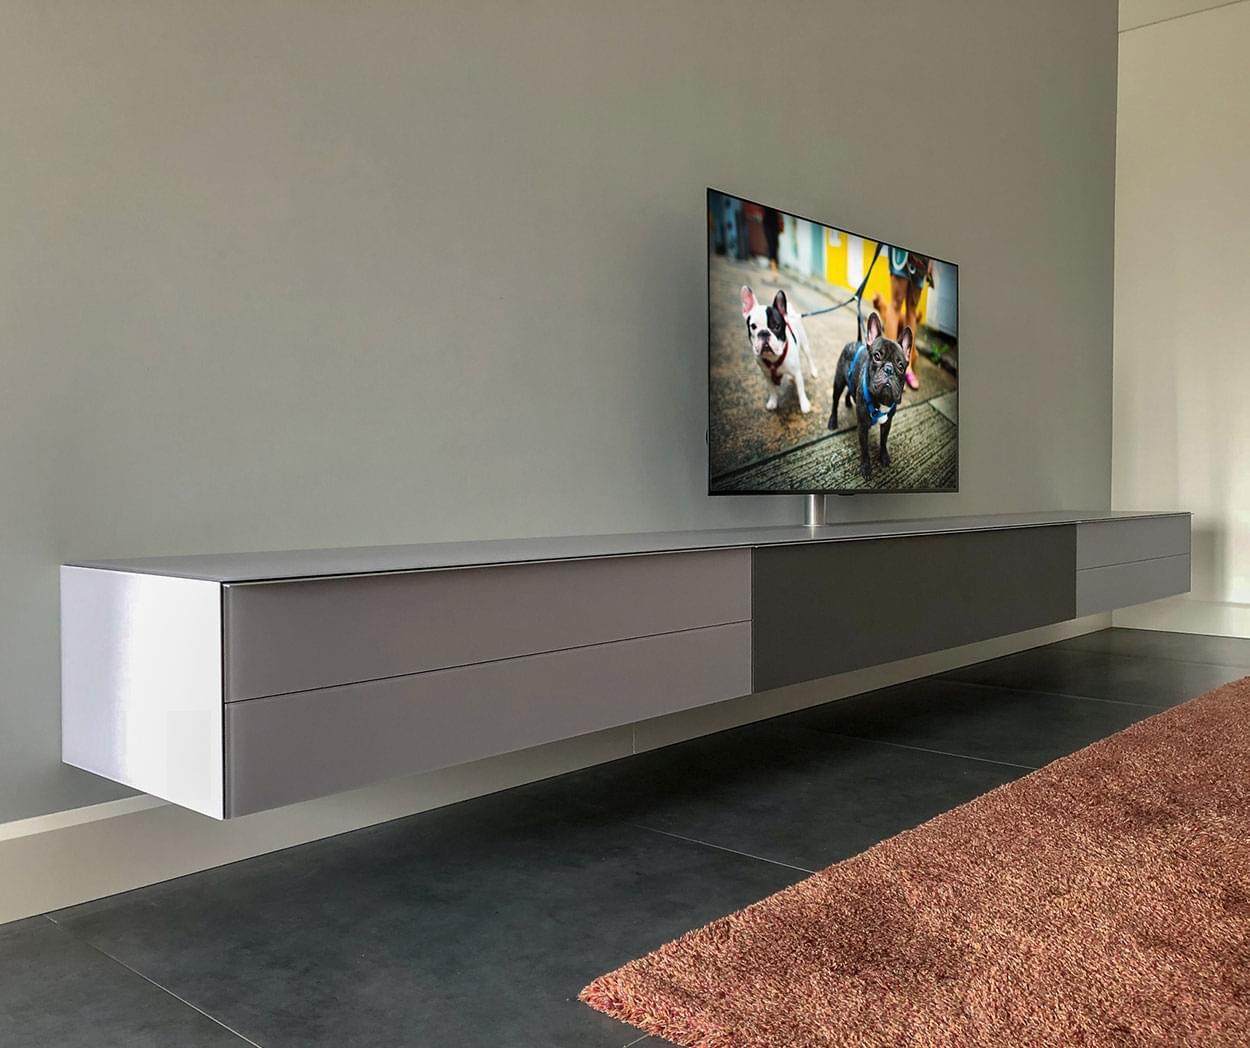 Design Tv Meubel Hoogglans.Design Tv Meubels Kwaliteit Van Spectral Nl